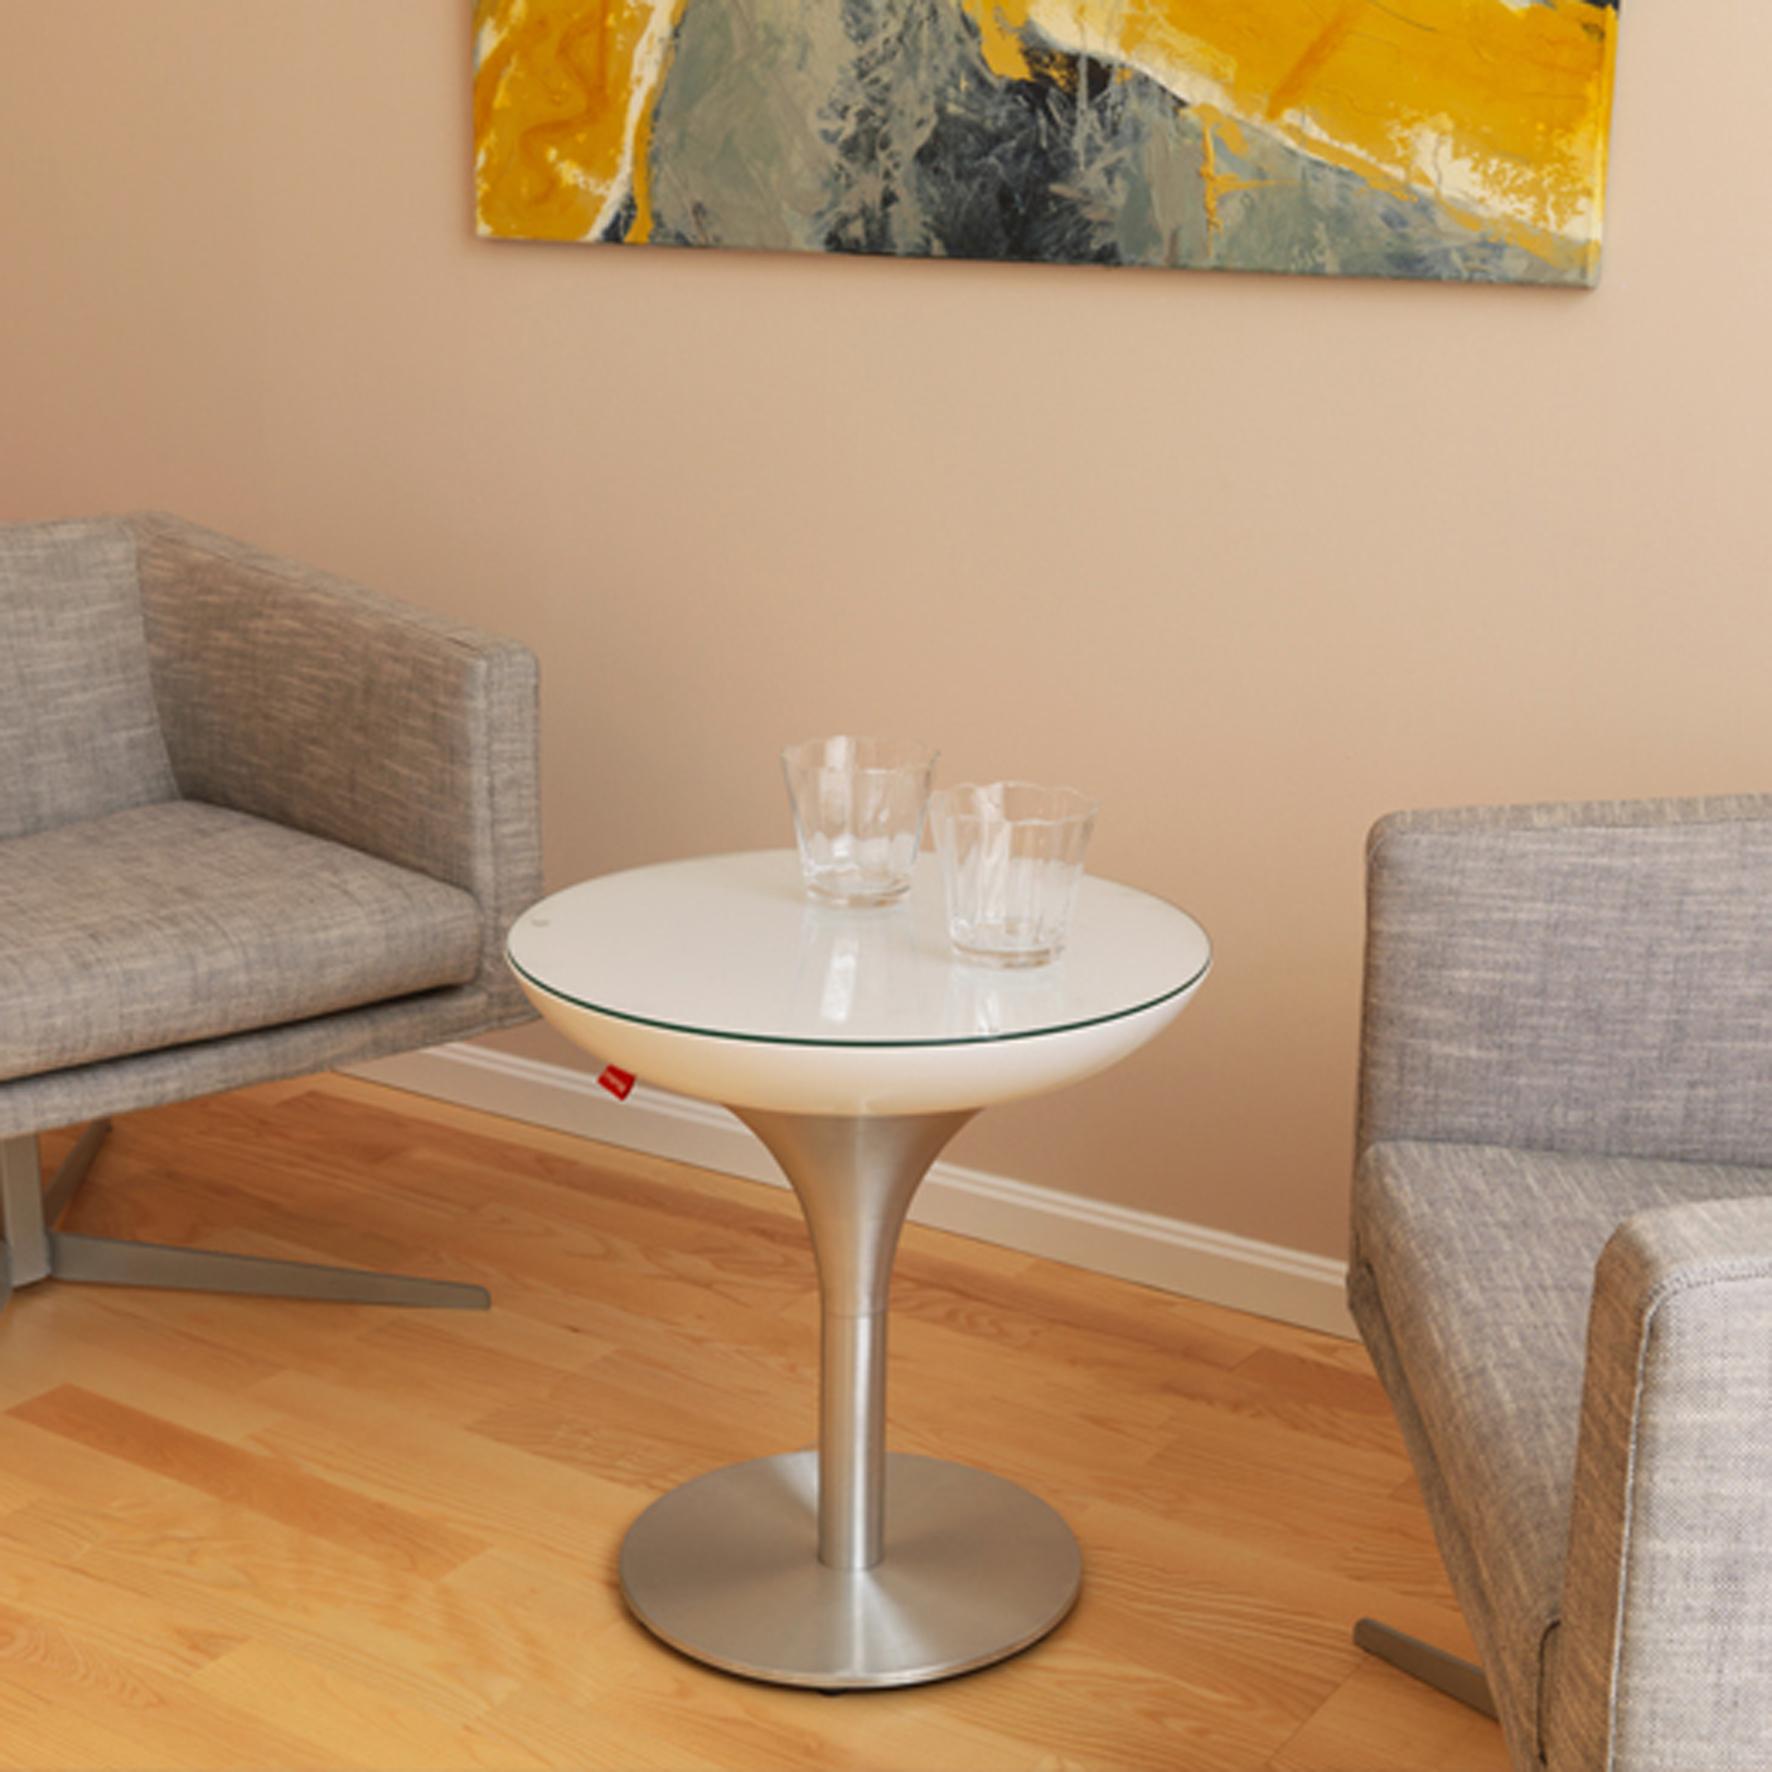 Lounge leucht tisch s for Lounge tisch